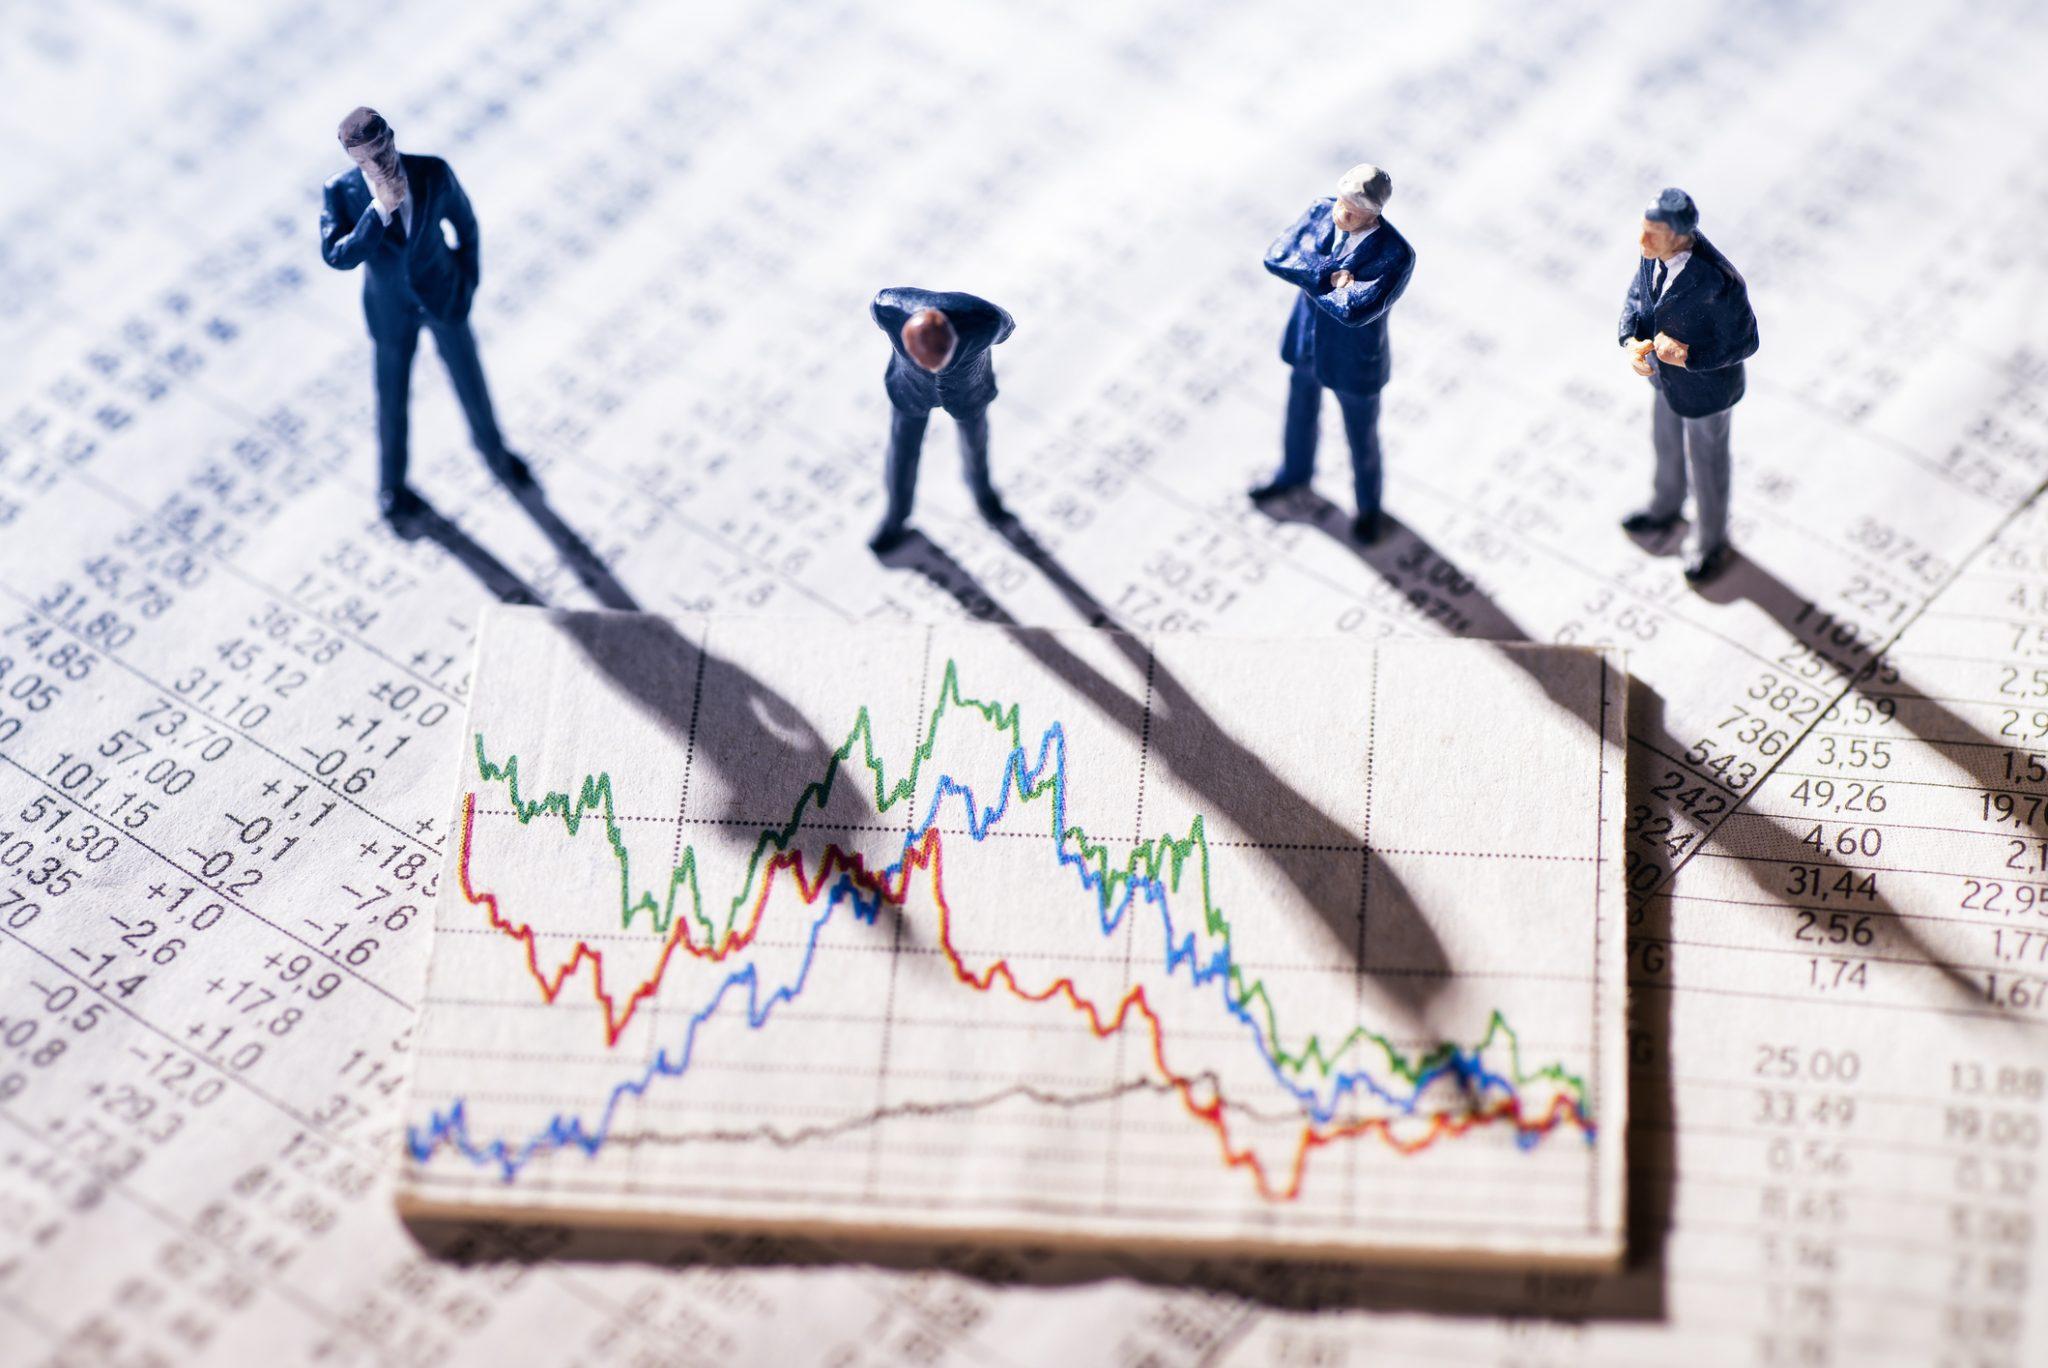 risque bourse marchés financiers AMF